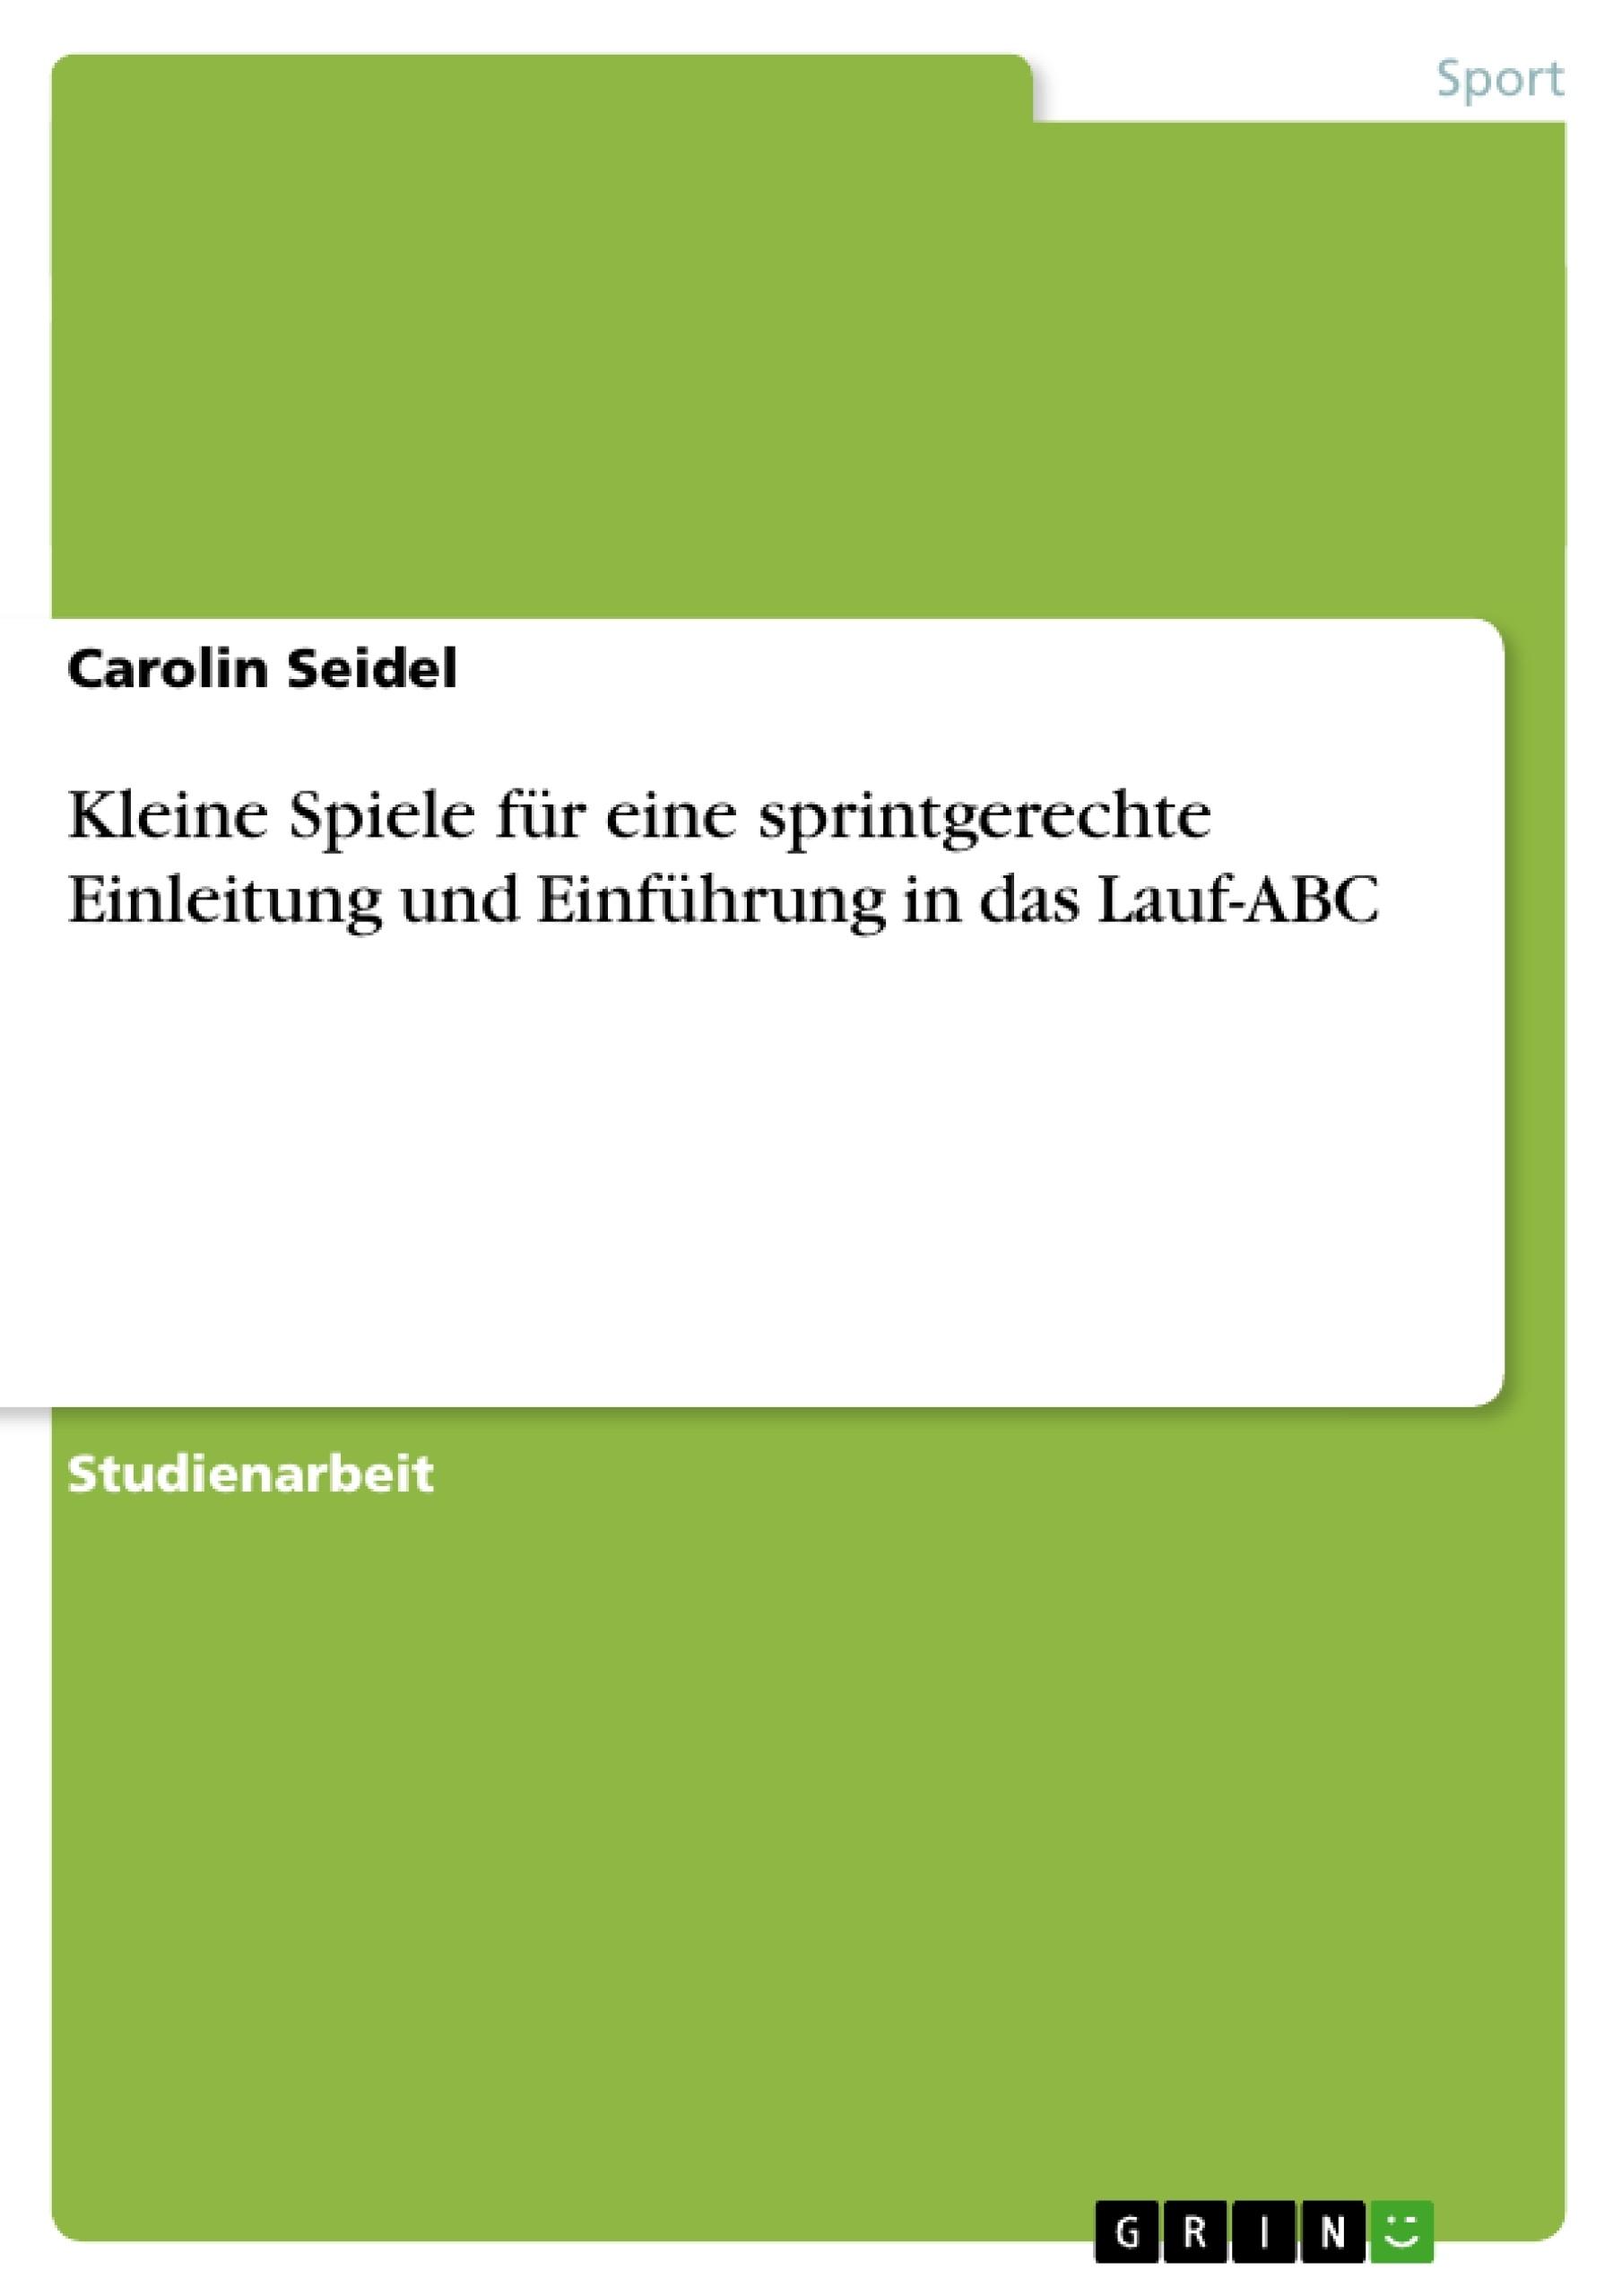 Titel: Kleine Spiele für eine sprintgerechte Einleitung und Einführung in das Lauf-ABC